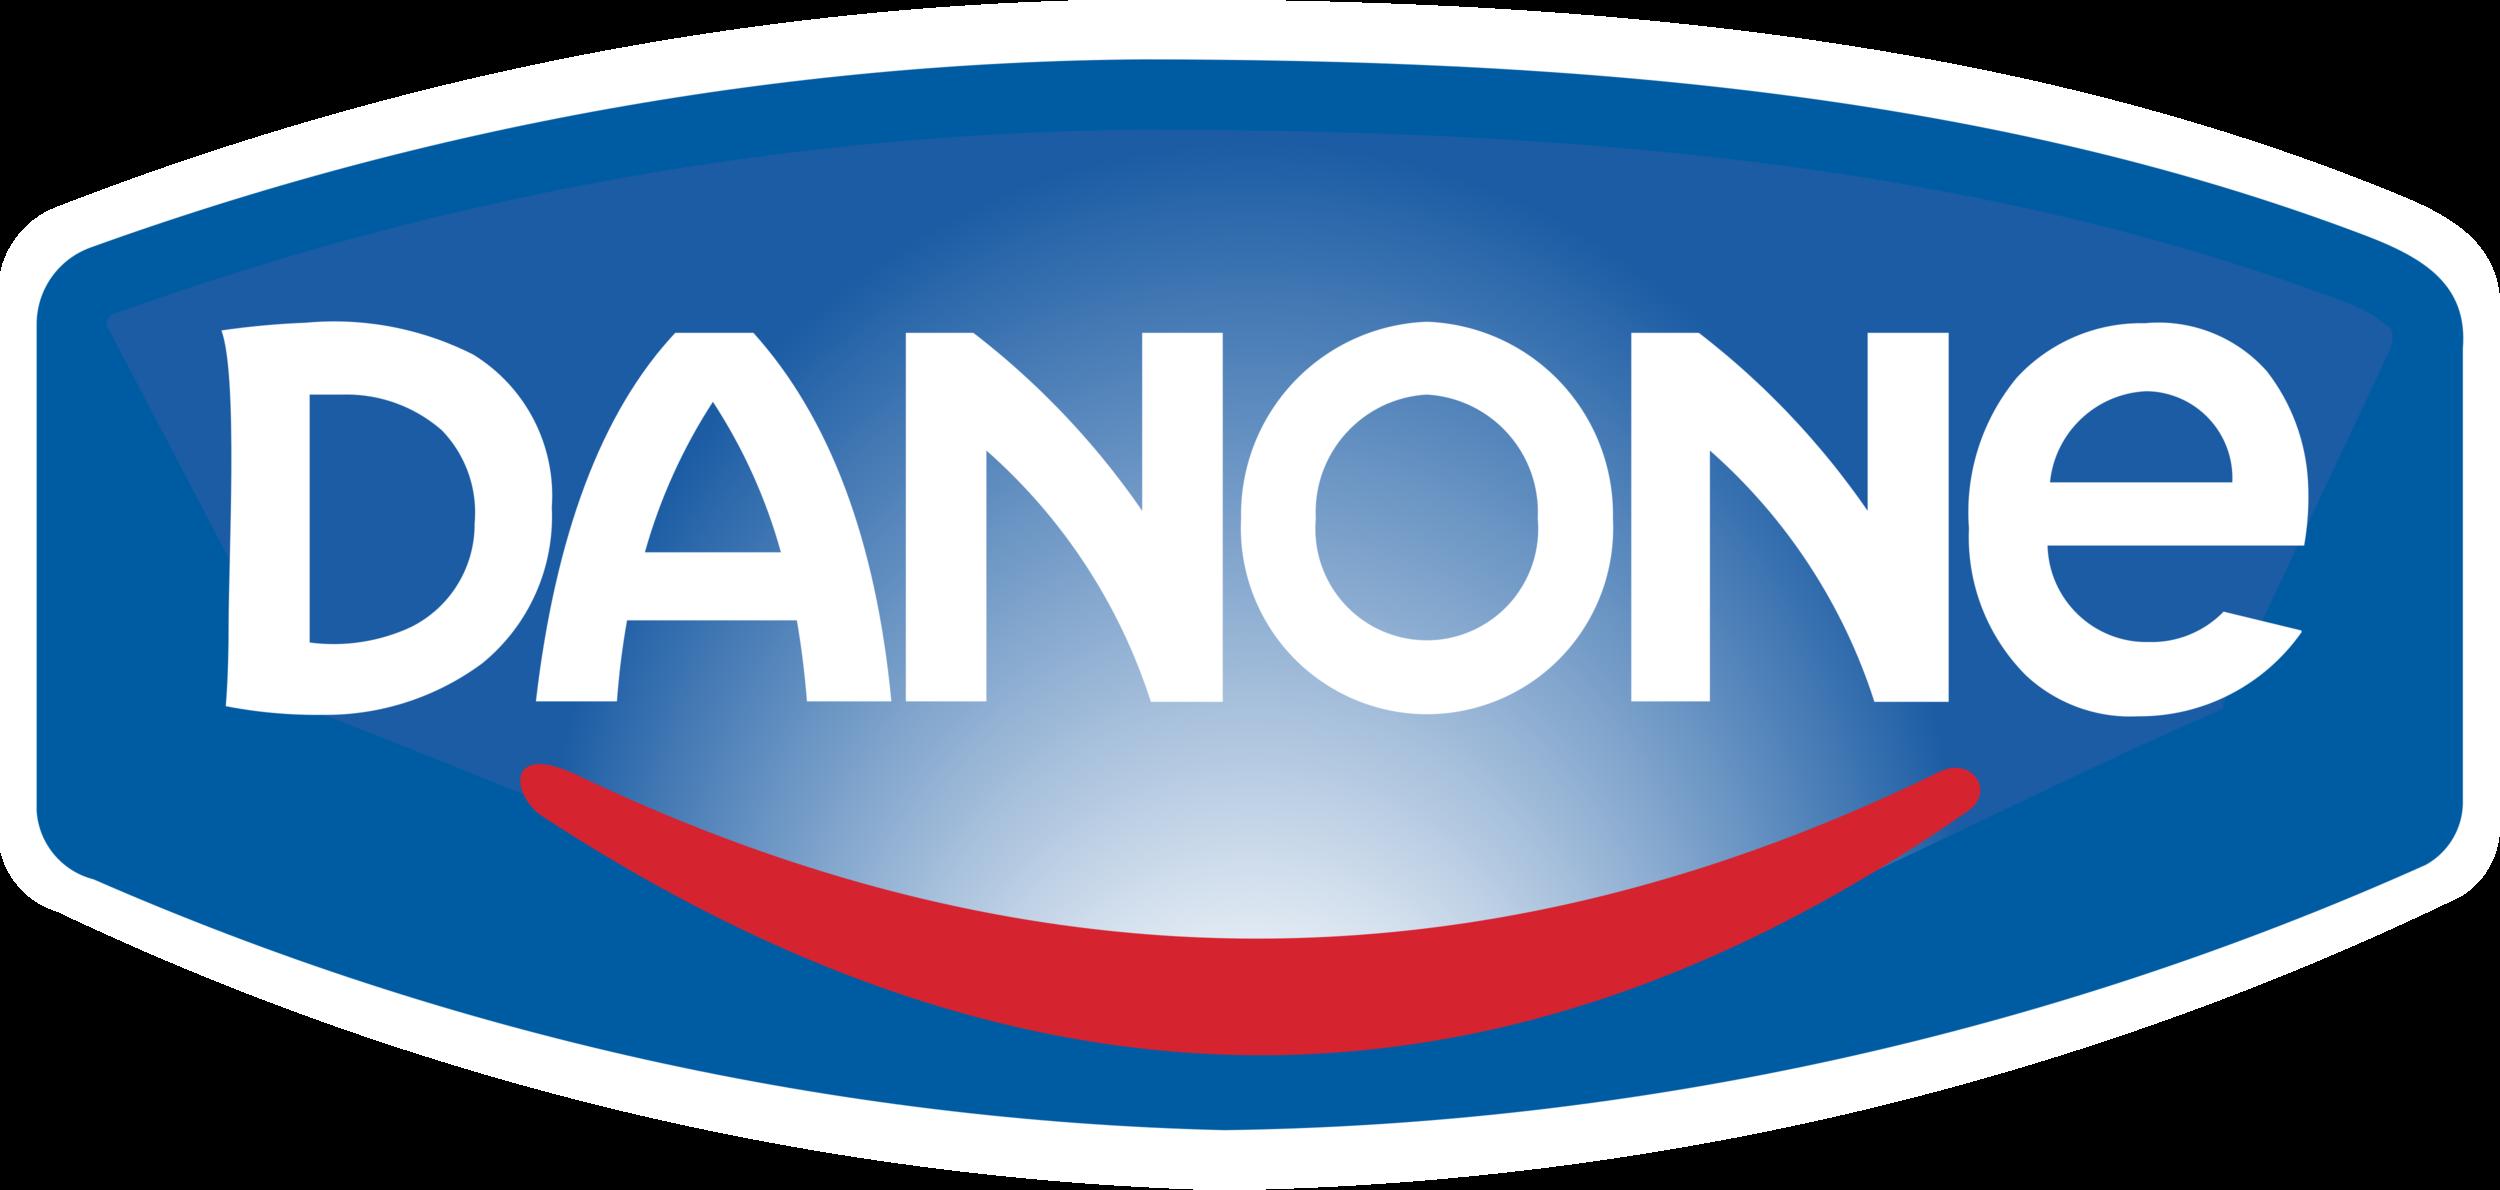 DANONE - €12 Billion Global Food Company